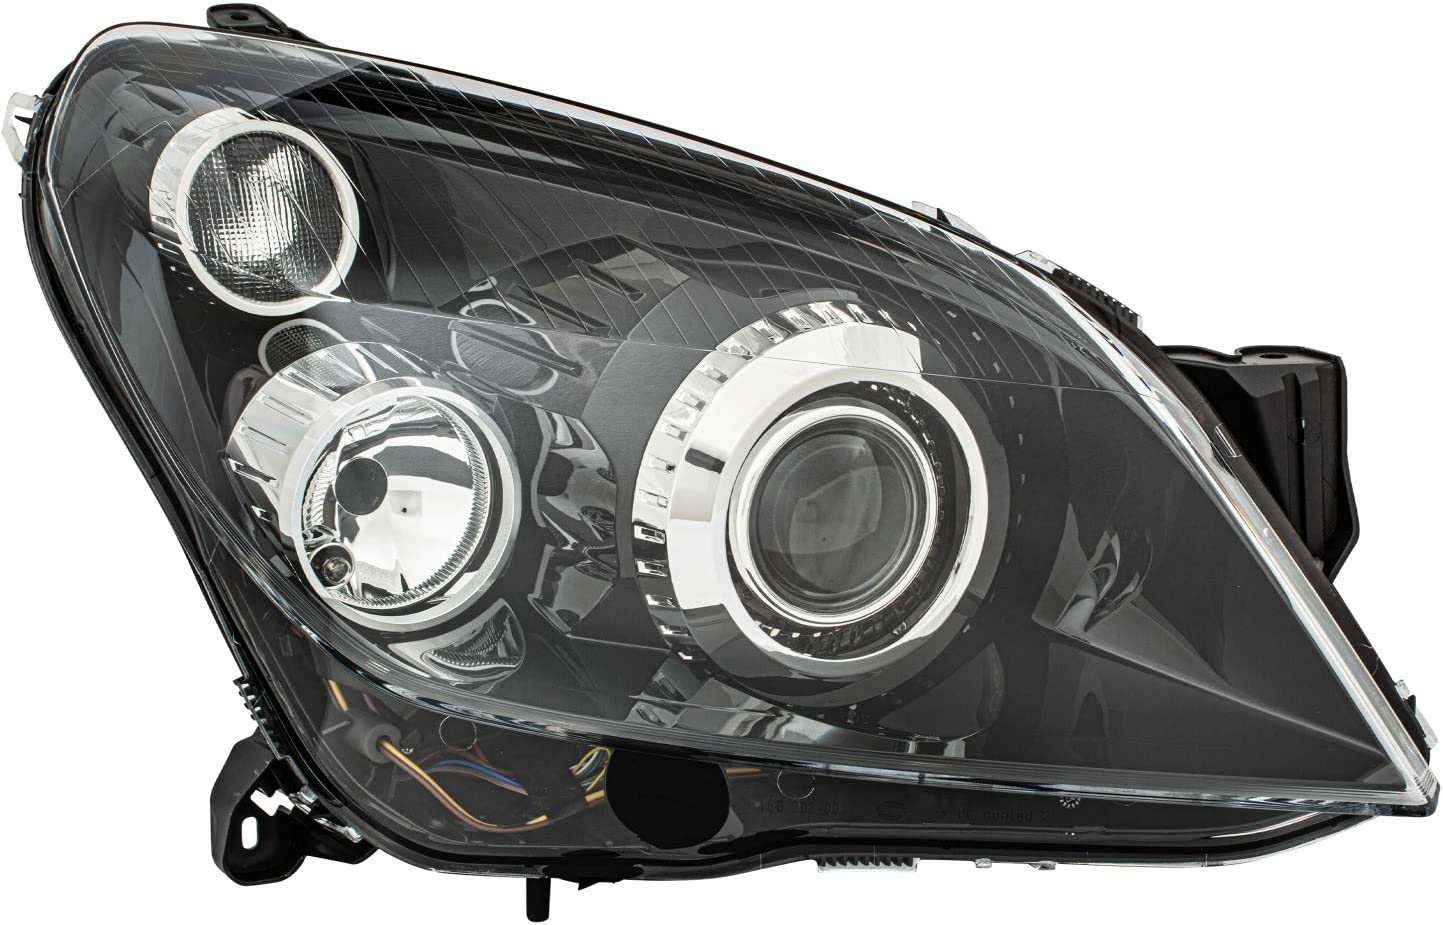 Hella 1zs 008 710 321 Hauptscheinwerfer Bi Xenon Halogen D2s H7 Py21w W5w 12v Ref 37 5 Rechts Auto